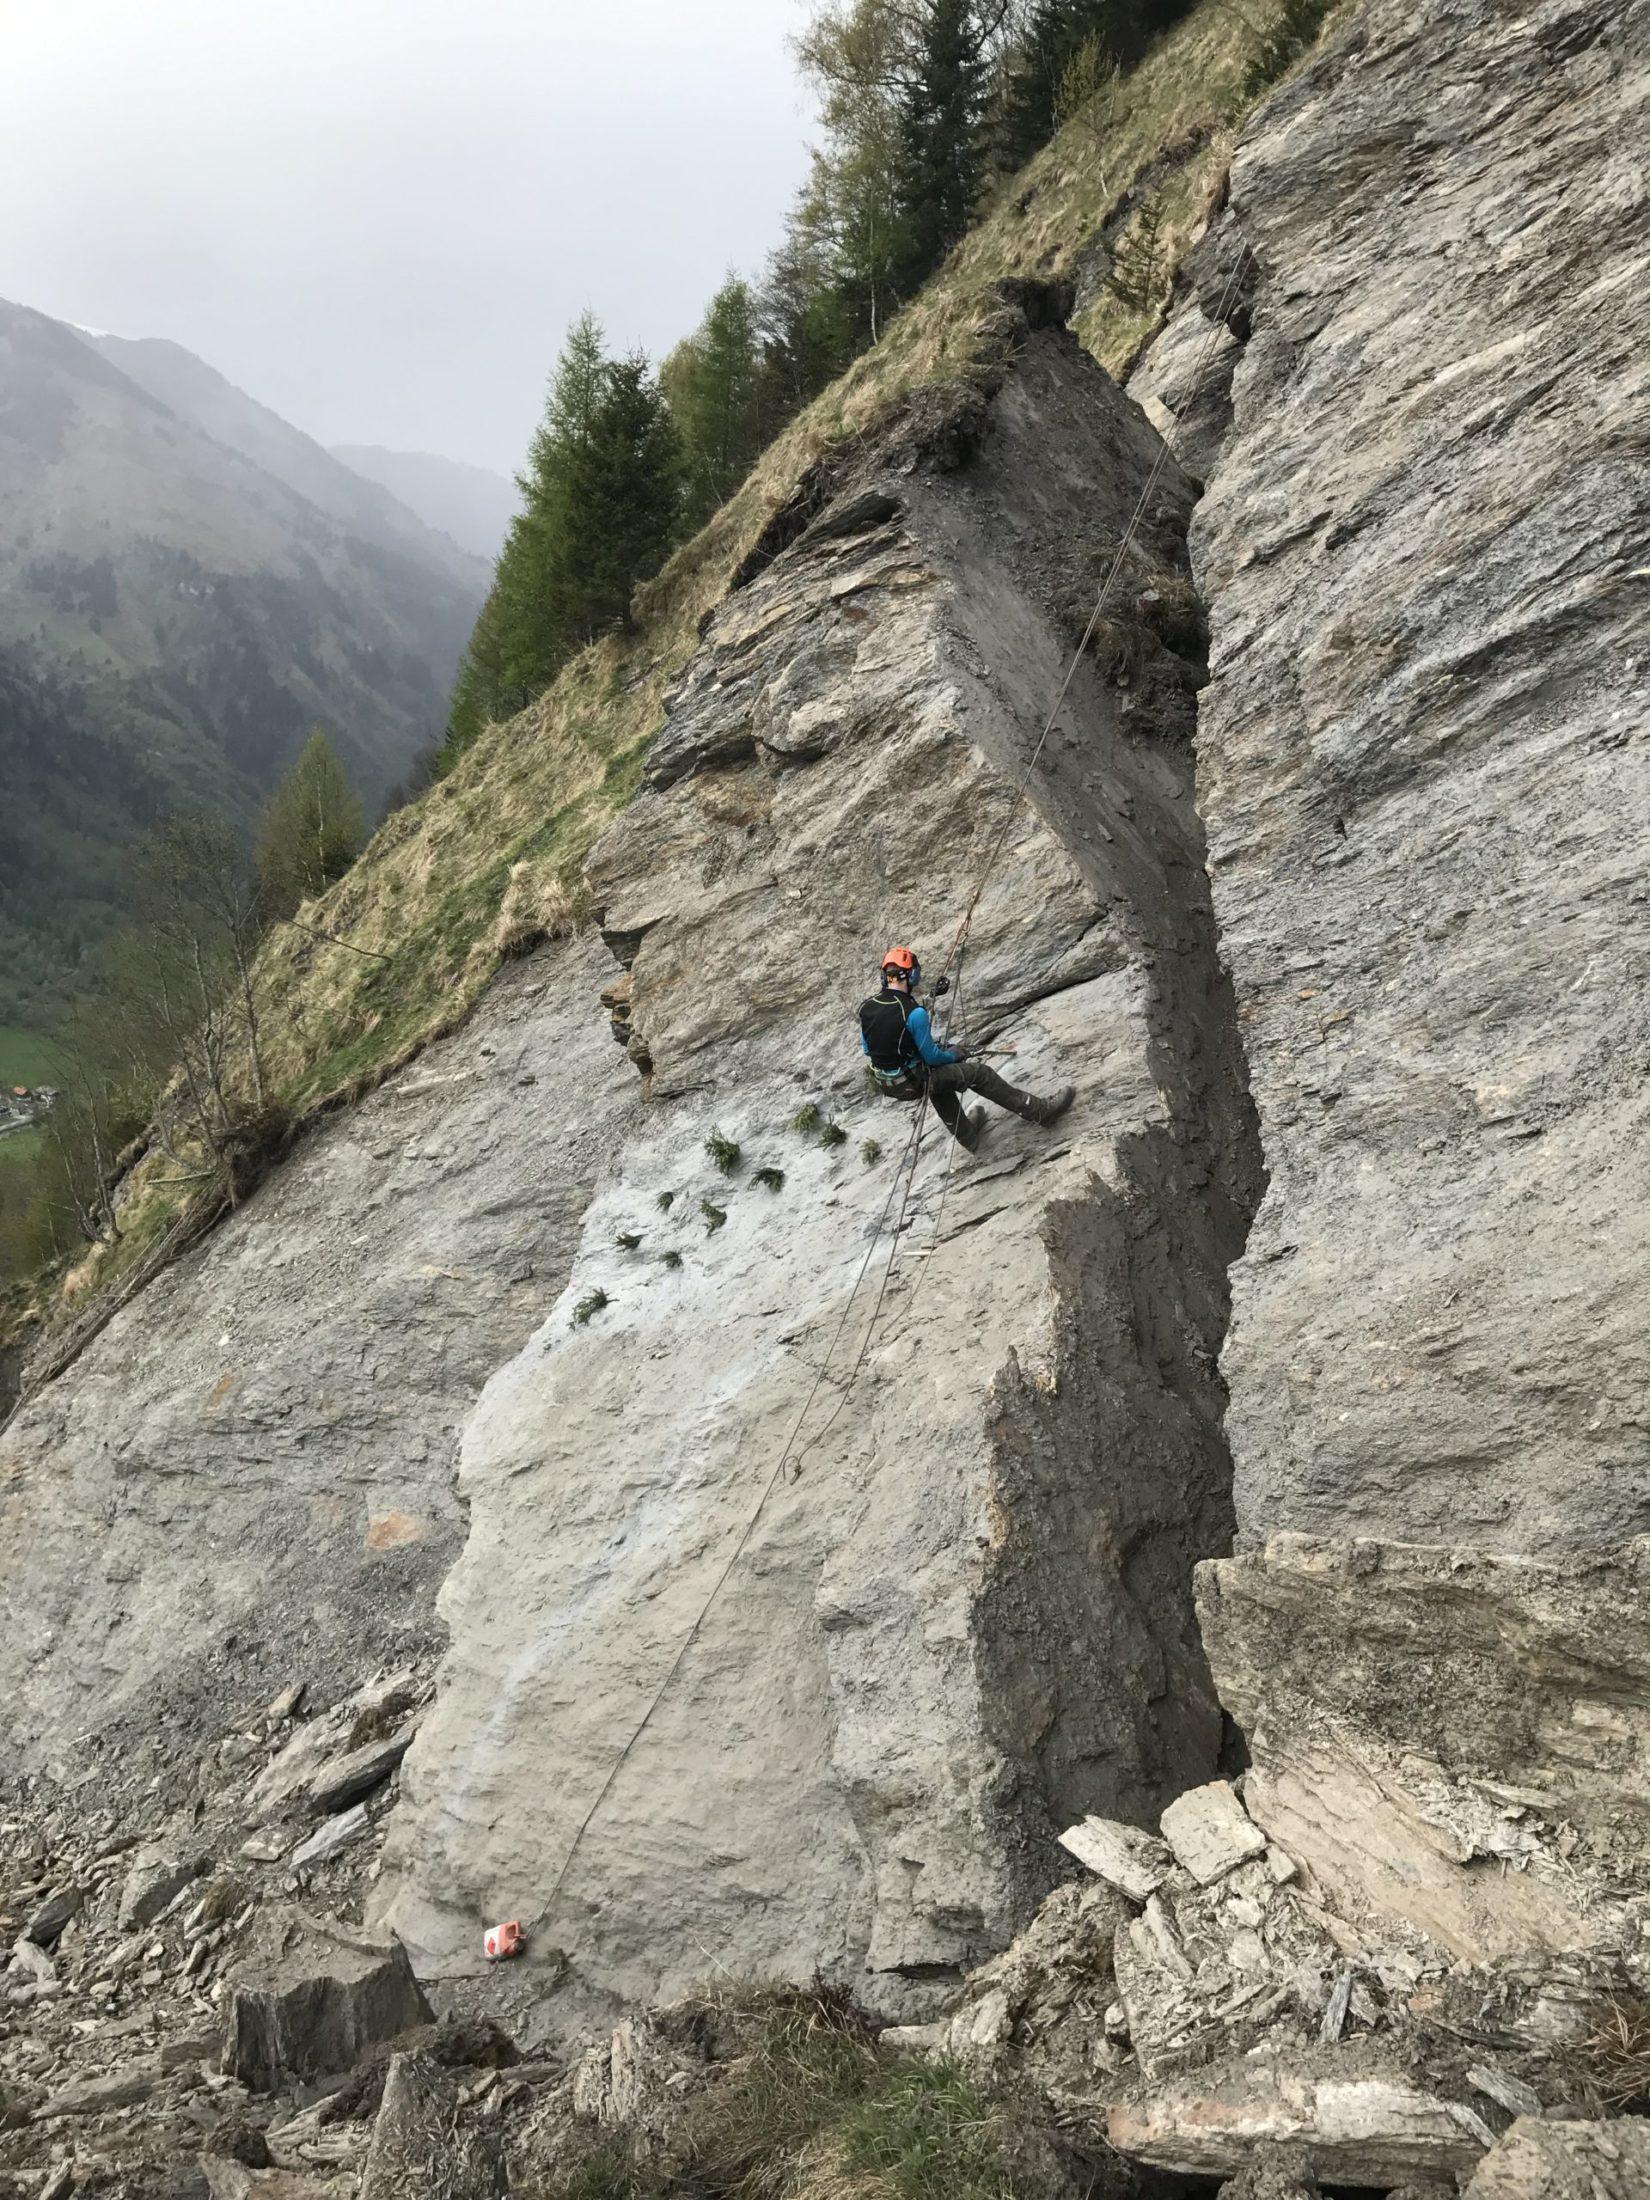 Ein Mann hängt mit einem Seil gesichert inmitten eines großen Felsen